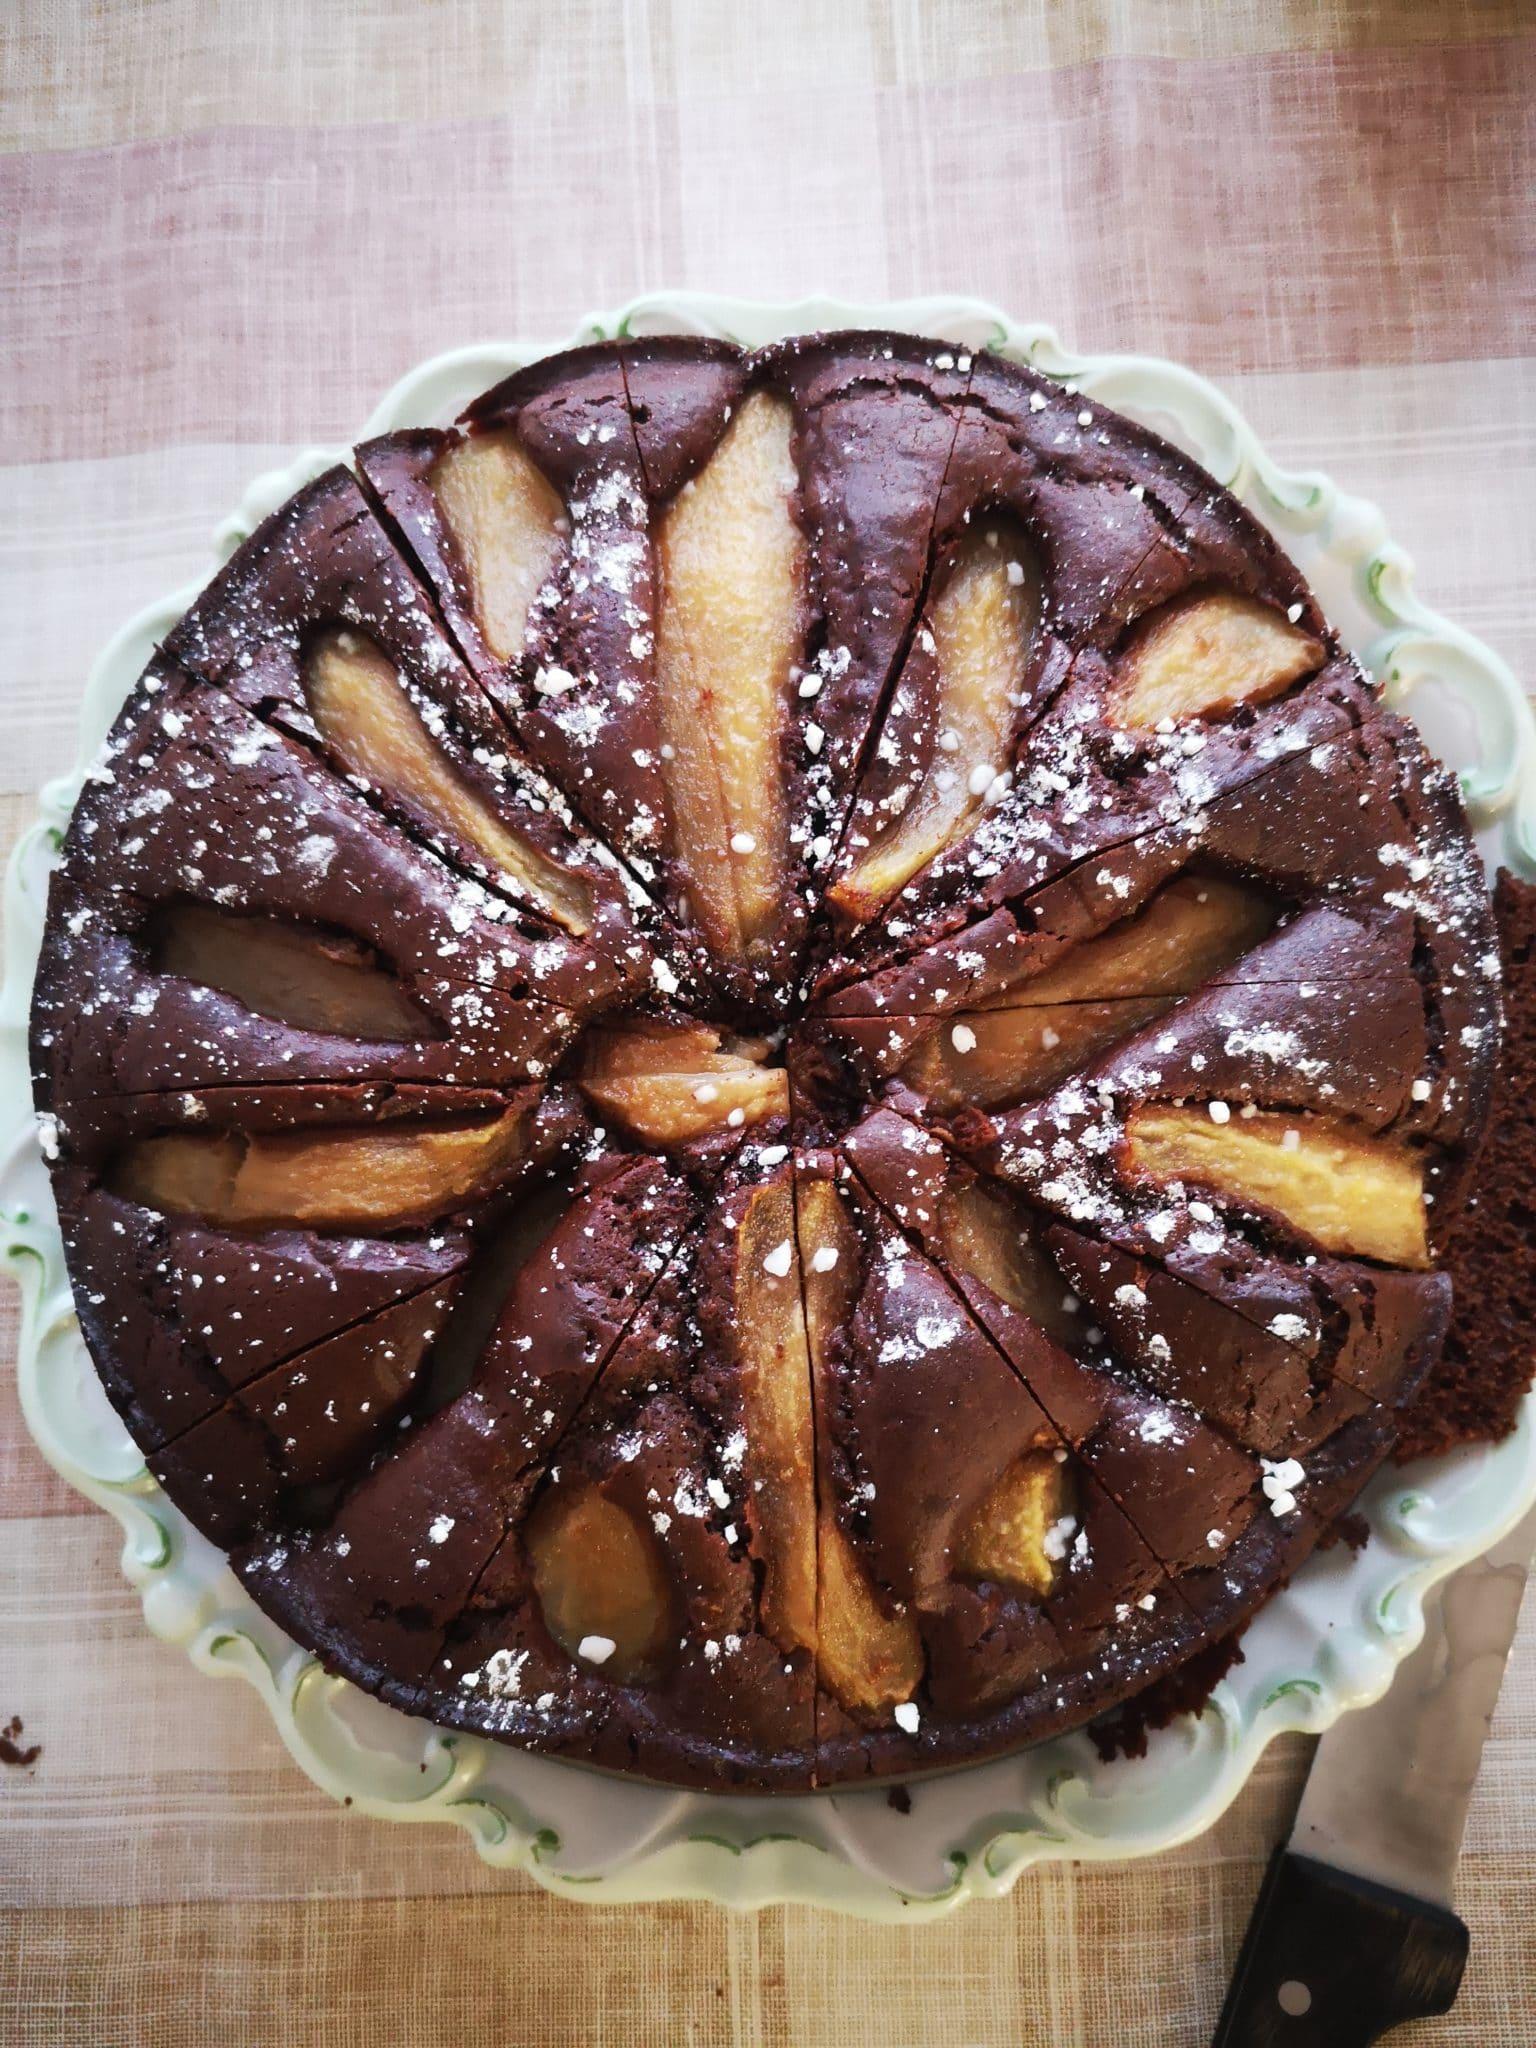 So sieht der Kuchen am Nachmittag aus. Wir gehen zu Oma und Opa.